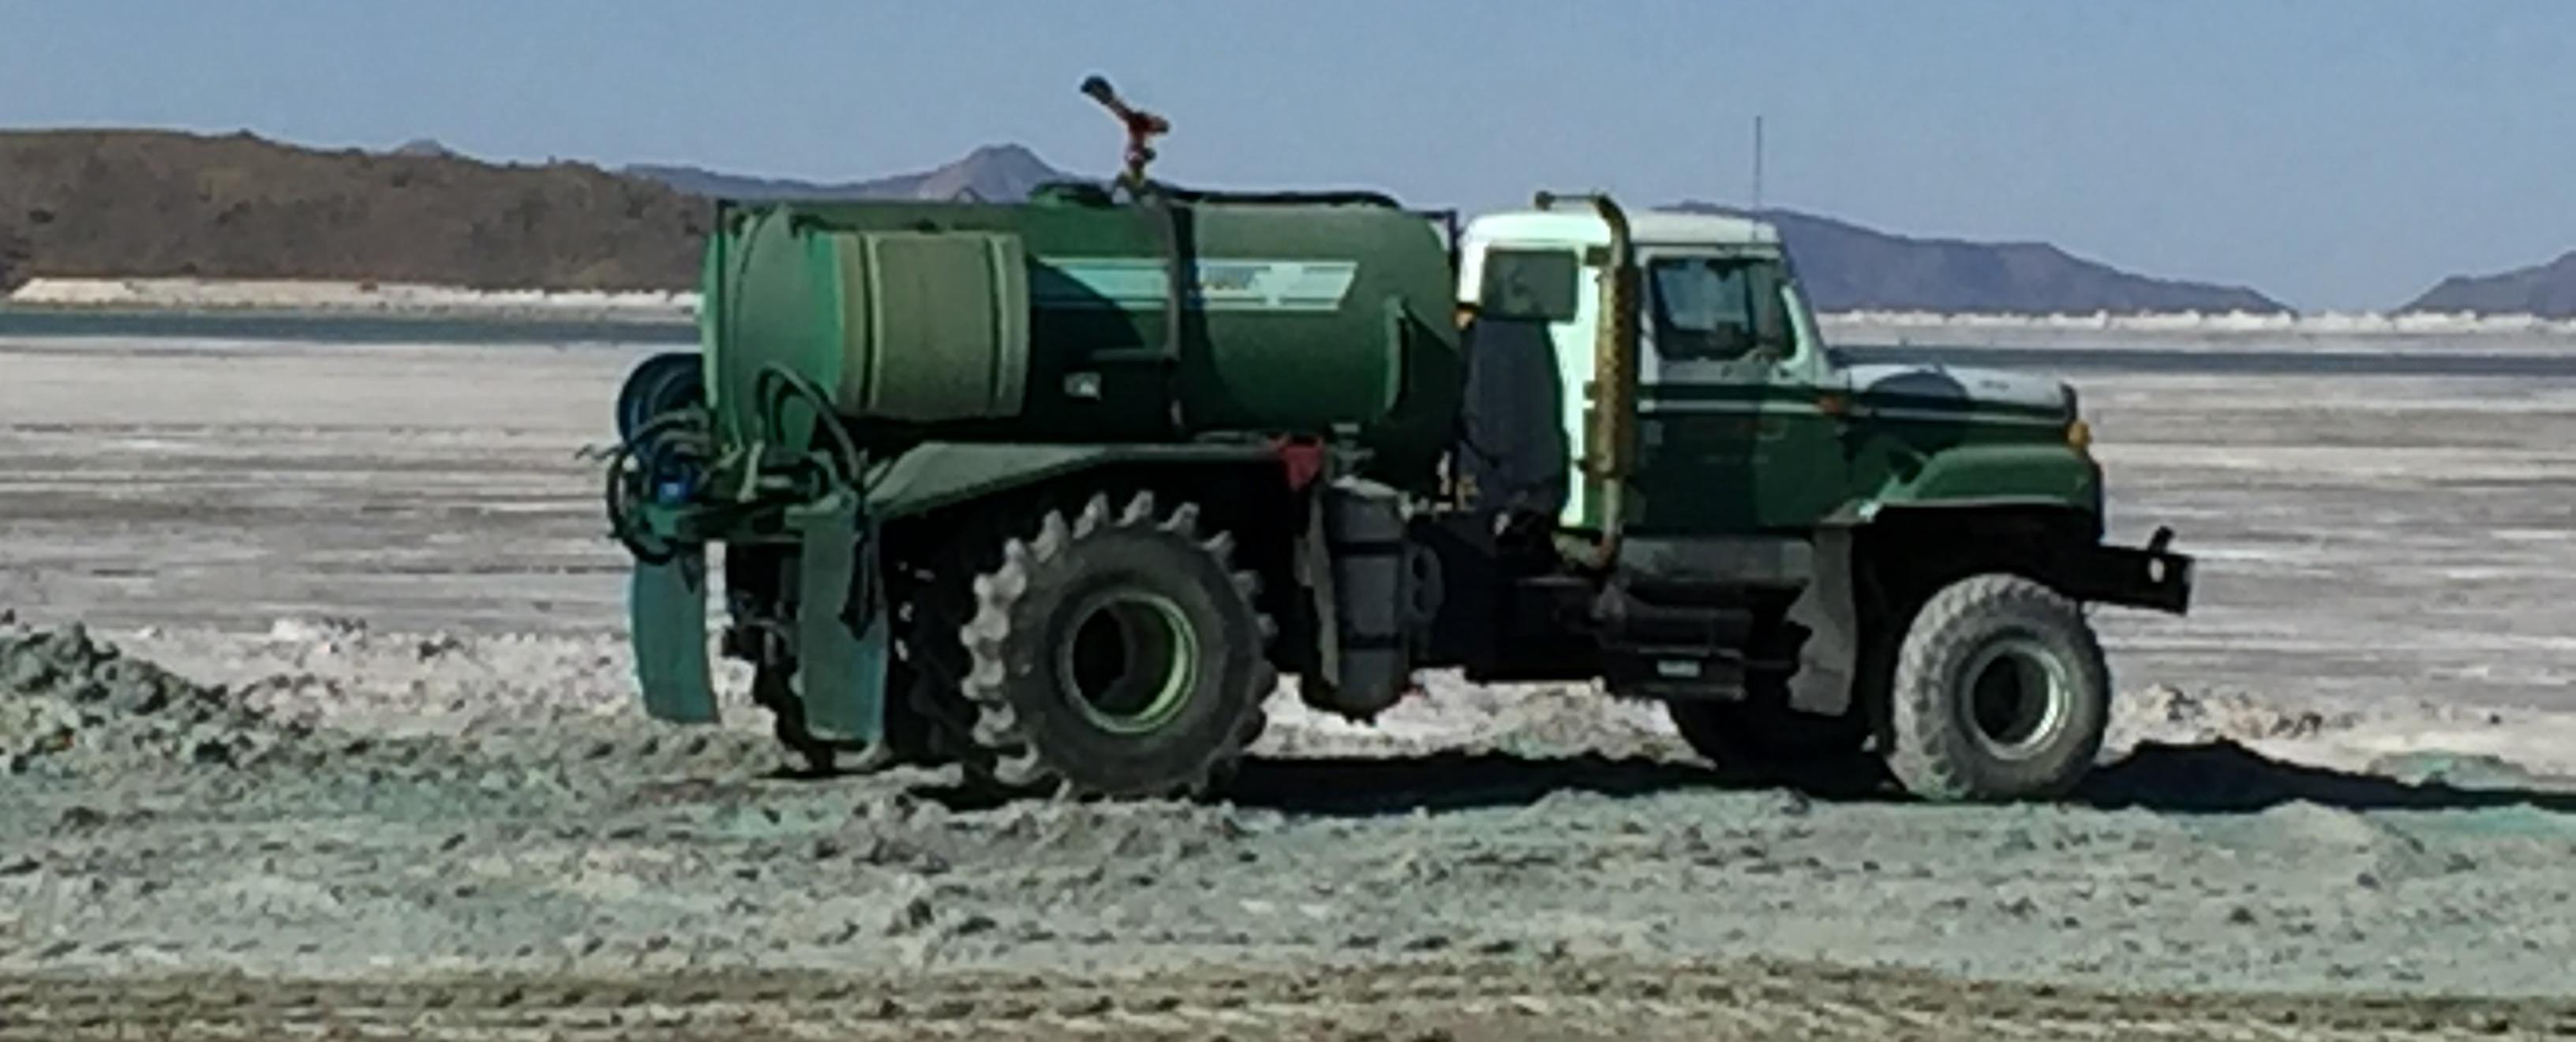 Bagdad-Mine-Crawler-1b-1024x449 Mine Tailings Soil Stabilization - Video